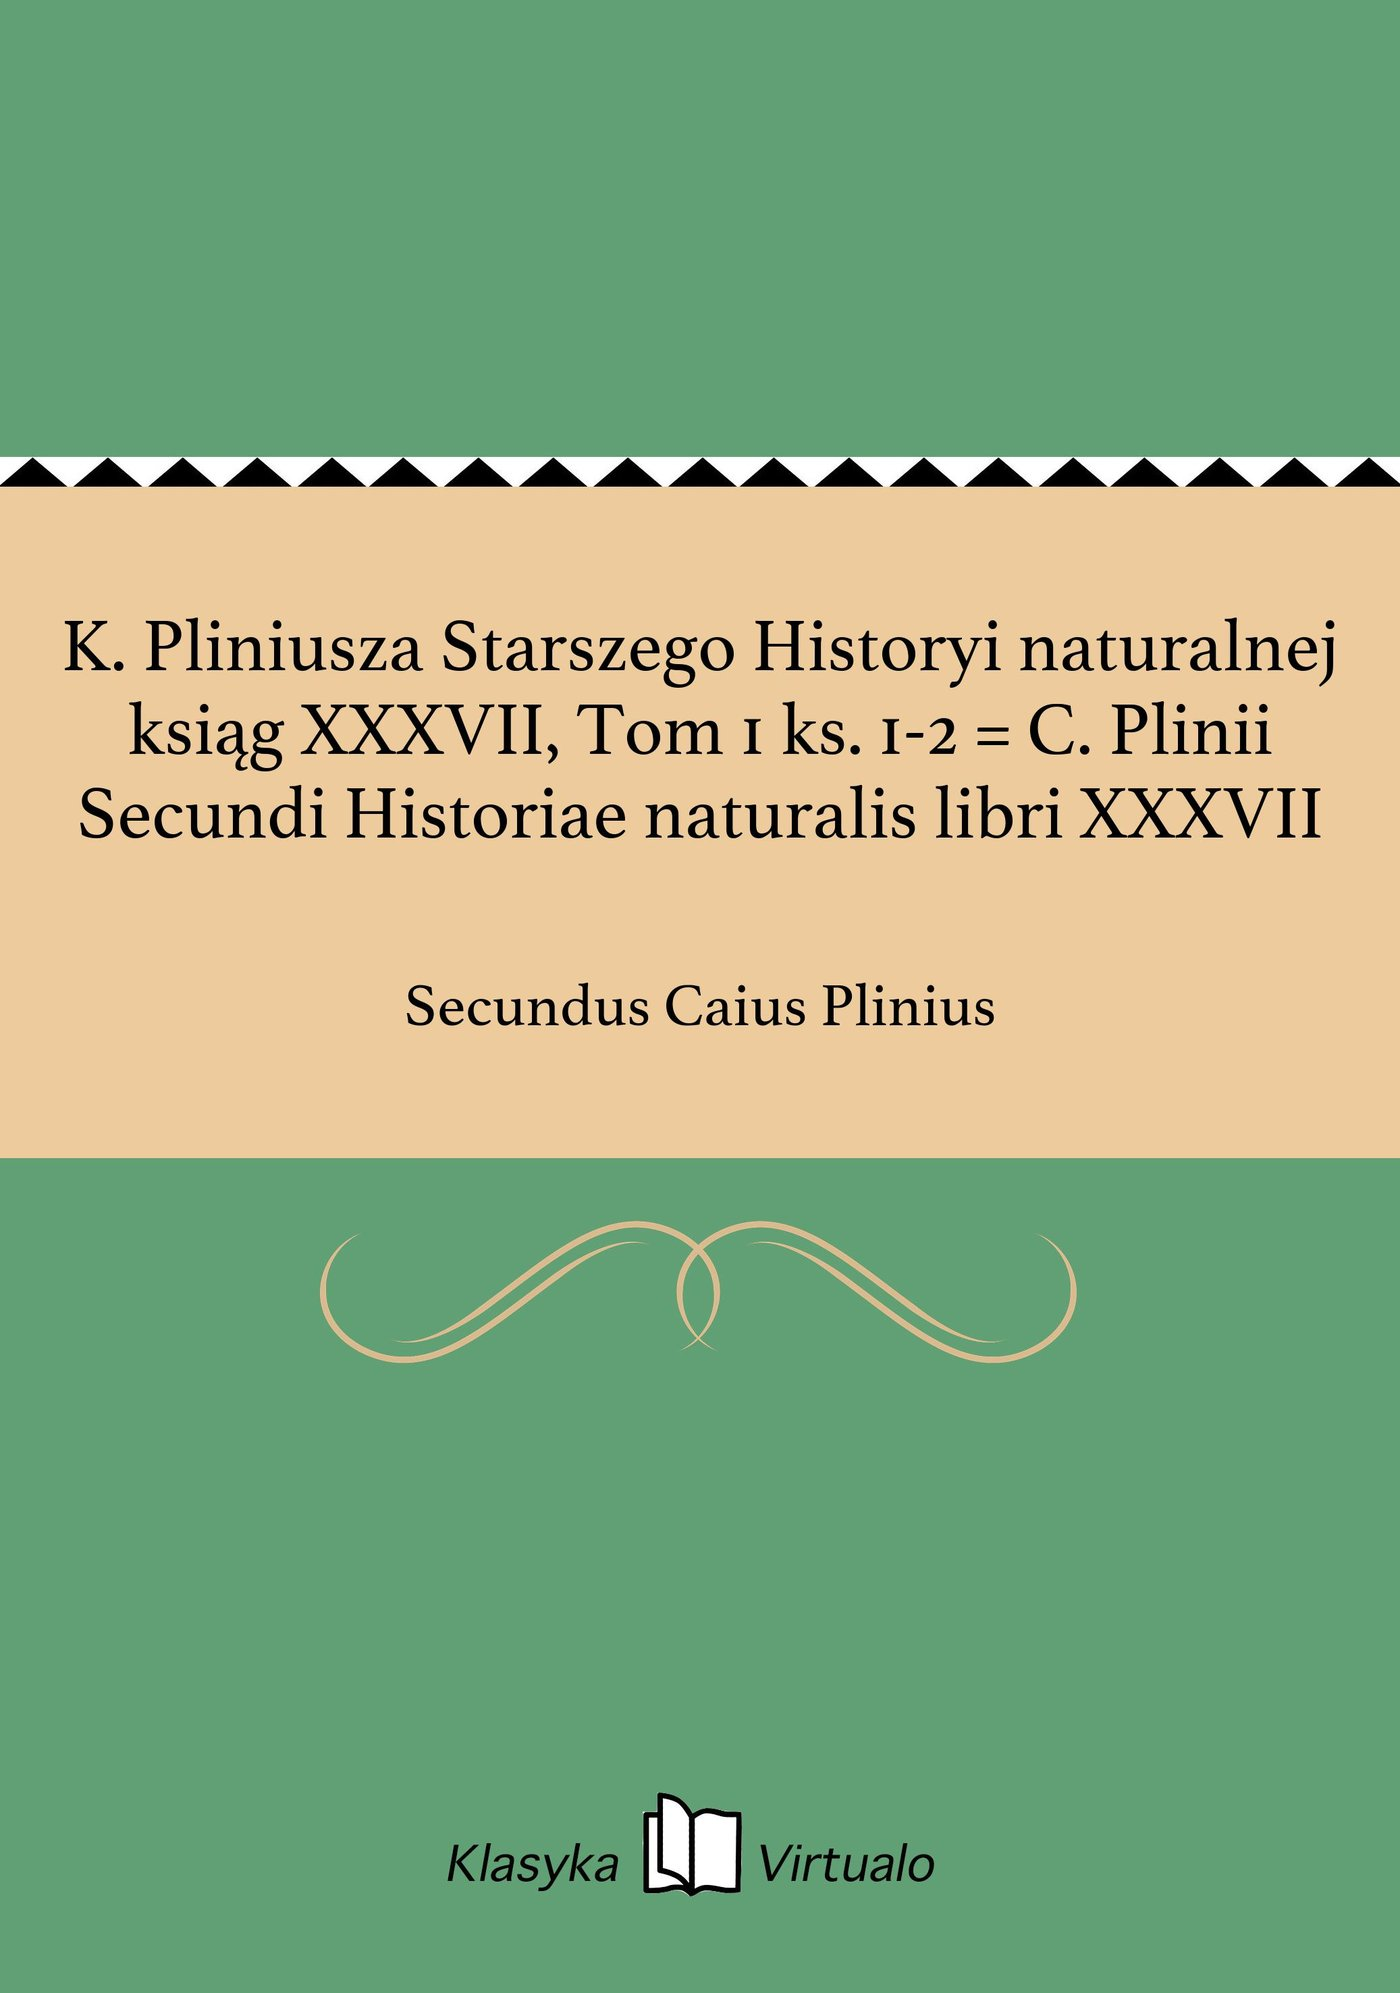 K. Pliniusza Starszego Historyi naturalnej ksiąg XXXVII, Tom 1 ks. 1-2 = C. Plinii Secundi Historiae naturalis libri XXXVII - Ebook (Książka na Kindle) do pobrania w formacie MOBI